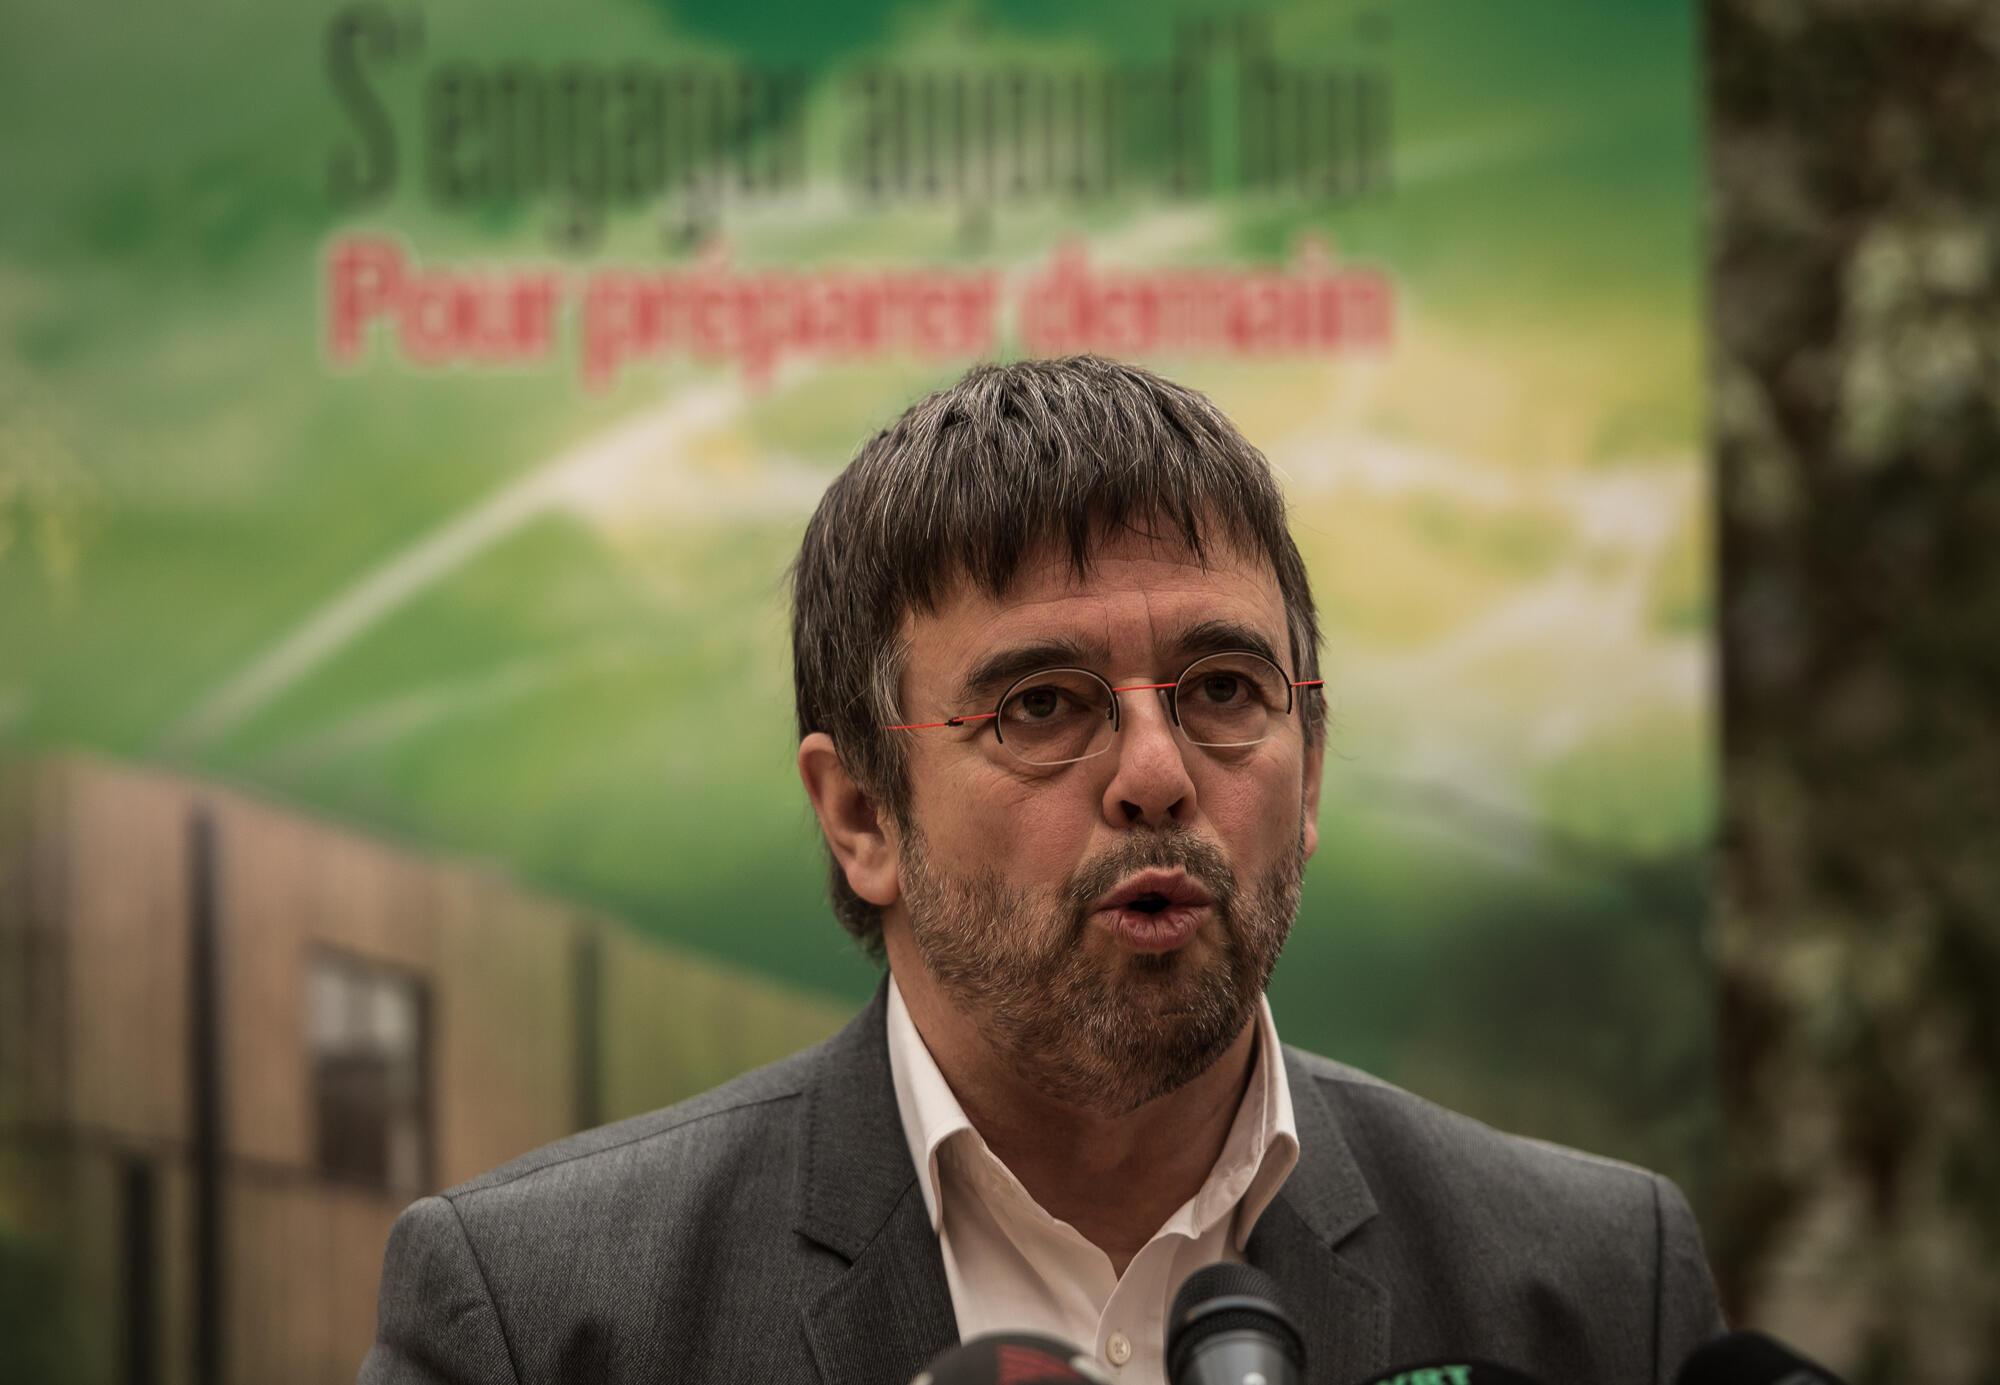 法广存档图片:法国欧洲议员 Damien Carême Image d'archive RFI: Damien Carême - eurodéputé français écologiste